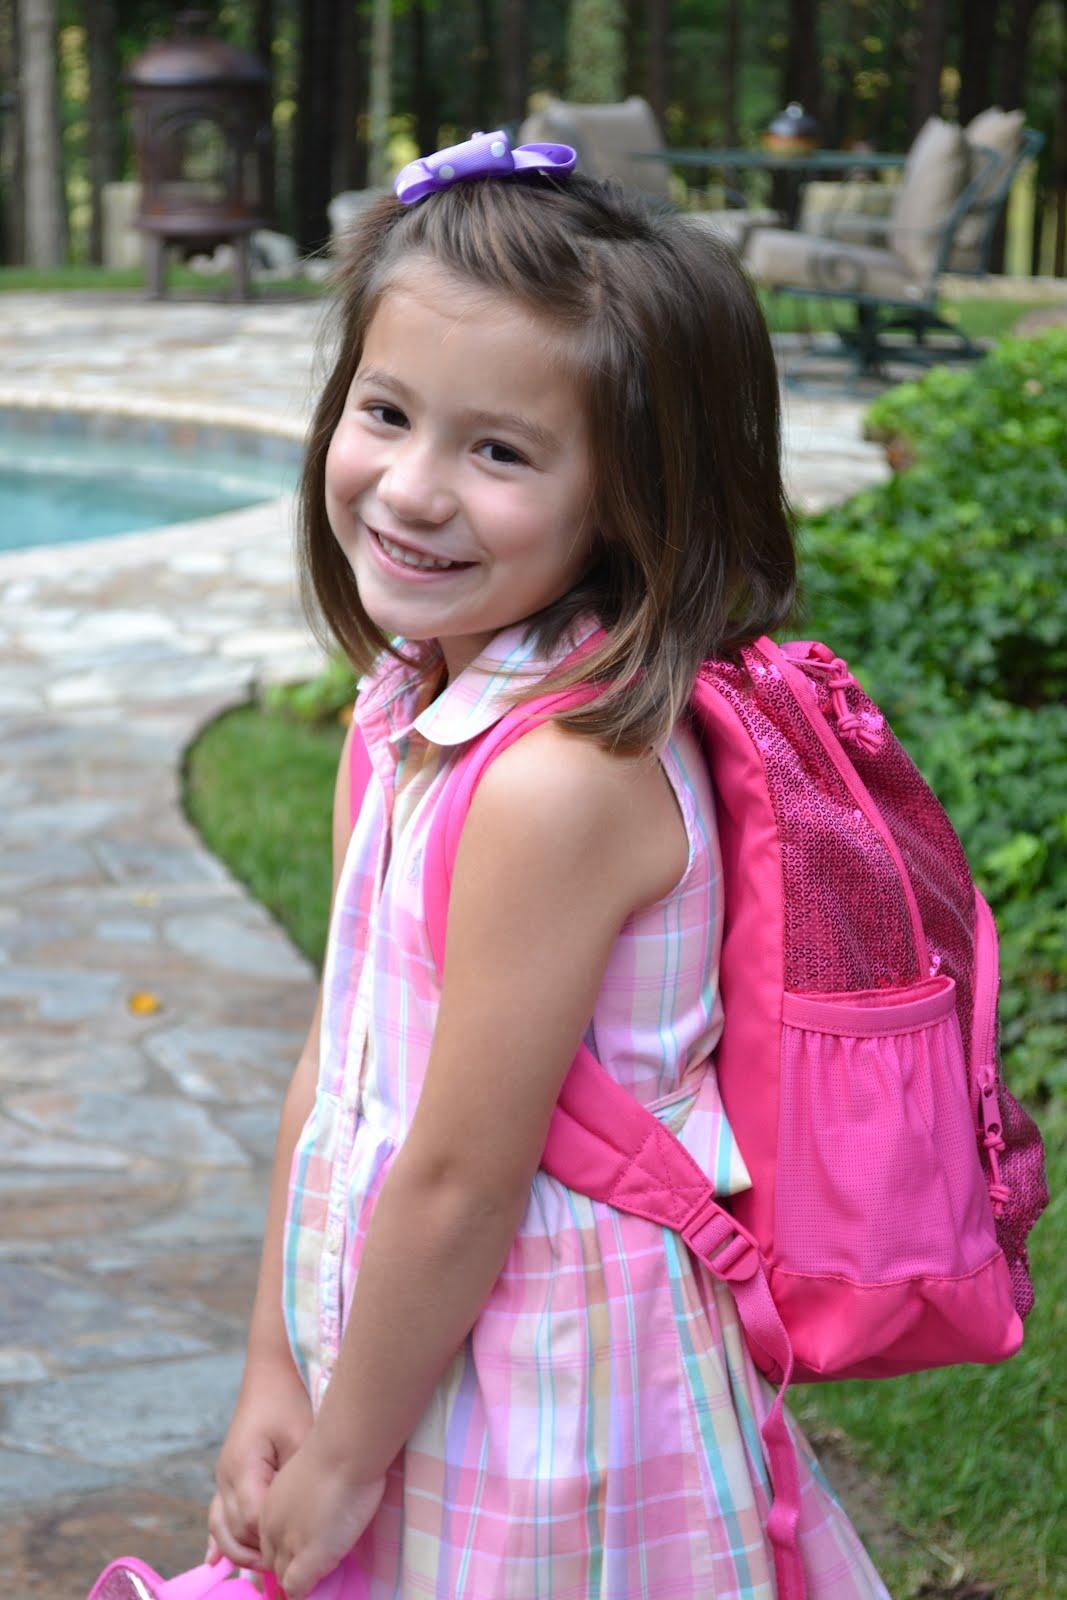 Kinder Garden: Mollieperez: Caroline's First Day Of Kindergarten